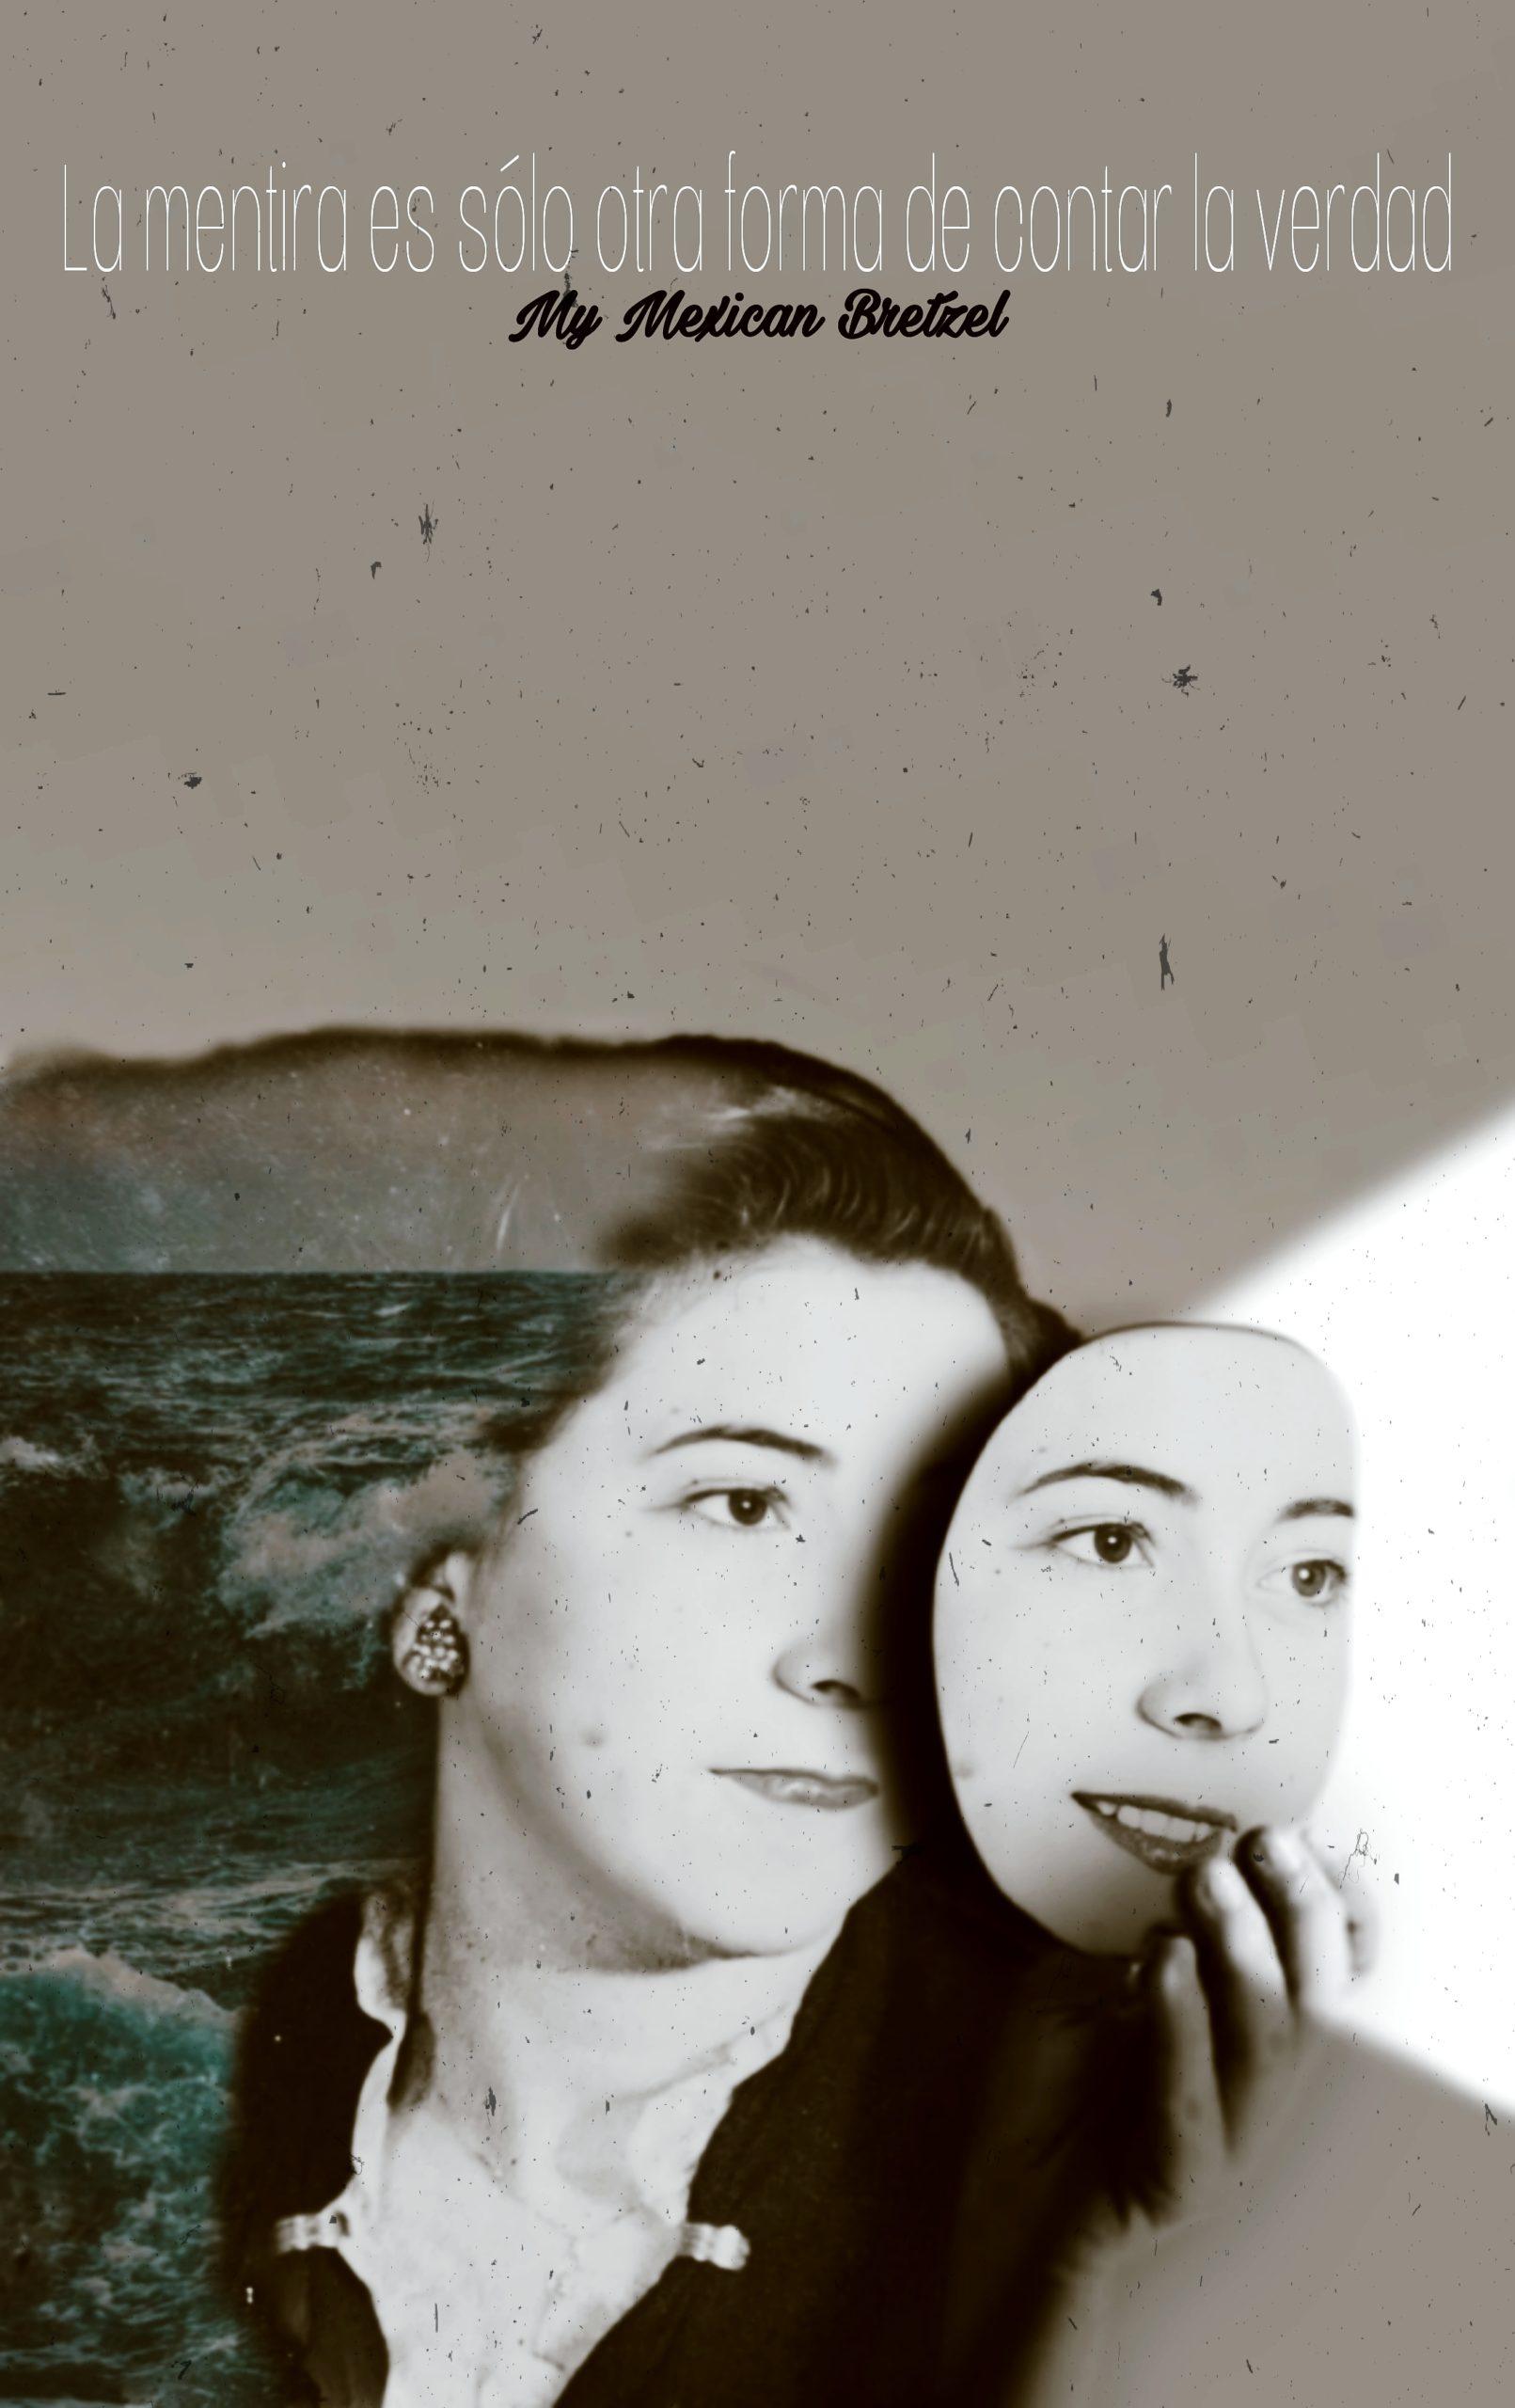 La máscara y el mar de los sentimientos, de Deva F Martino